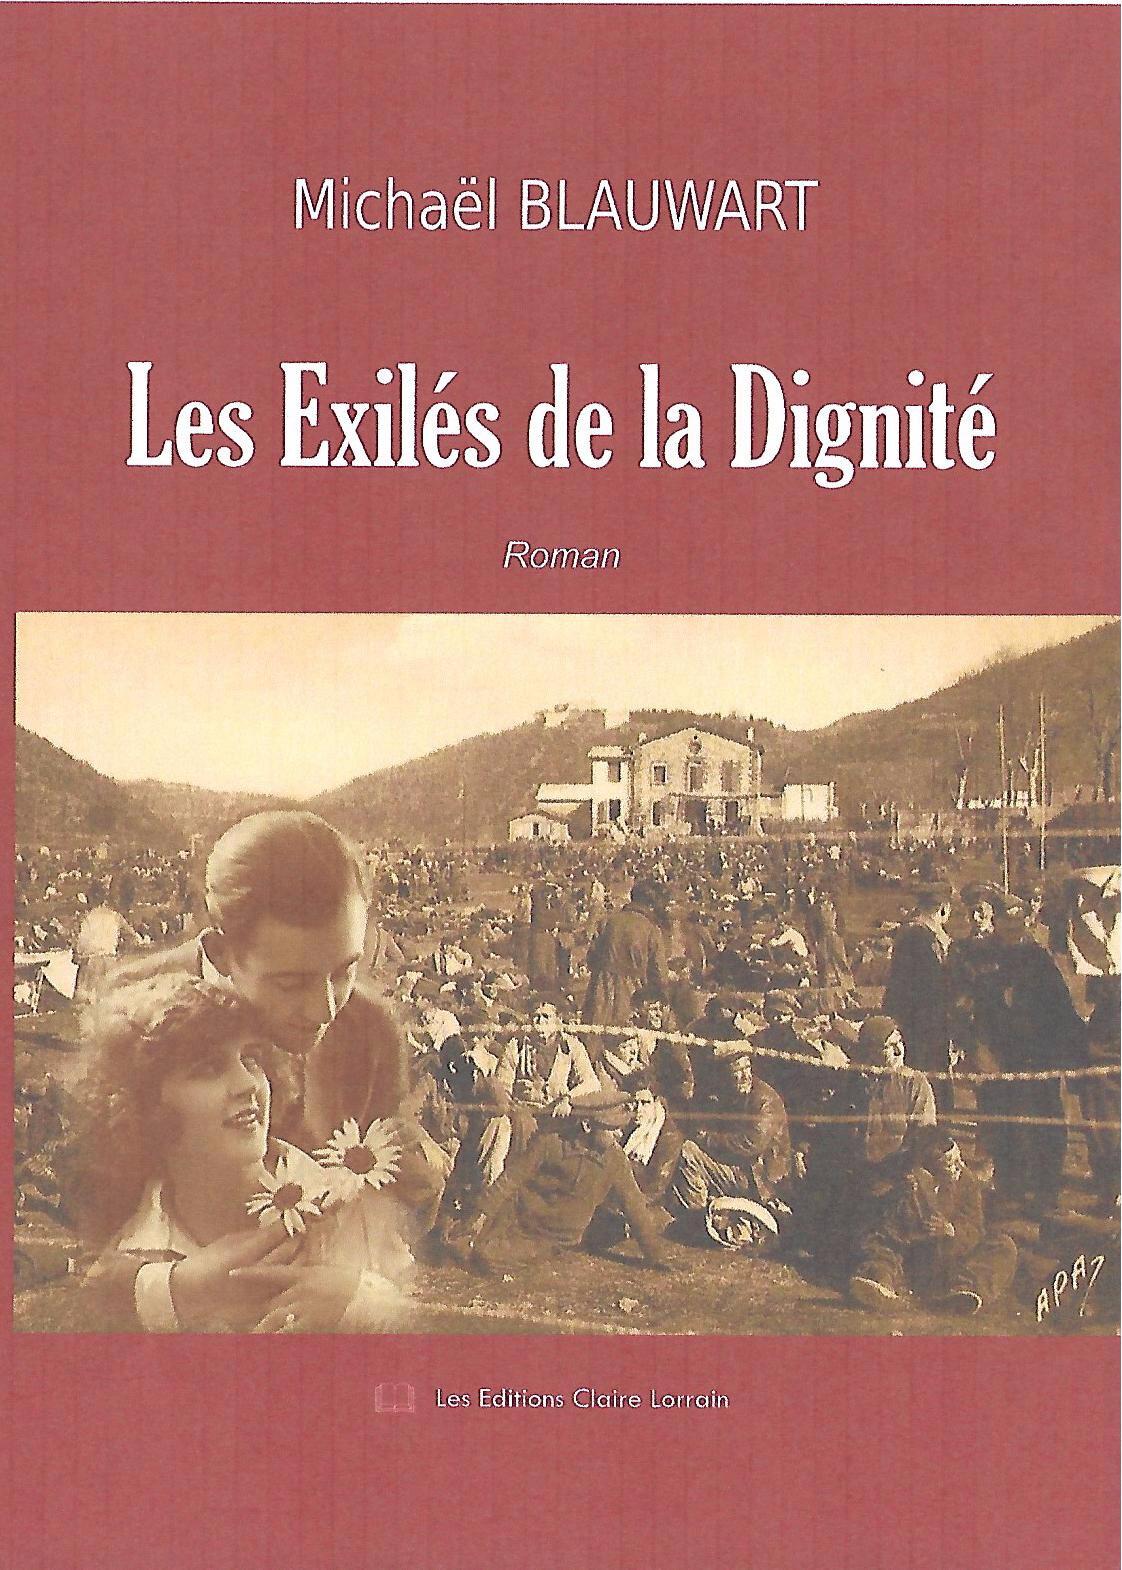 Les Exilés de la Dignité de Michaël BLAUWART